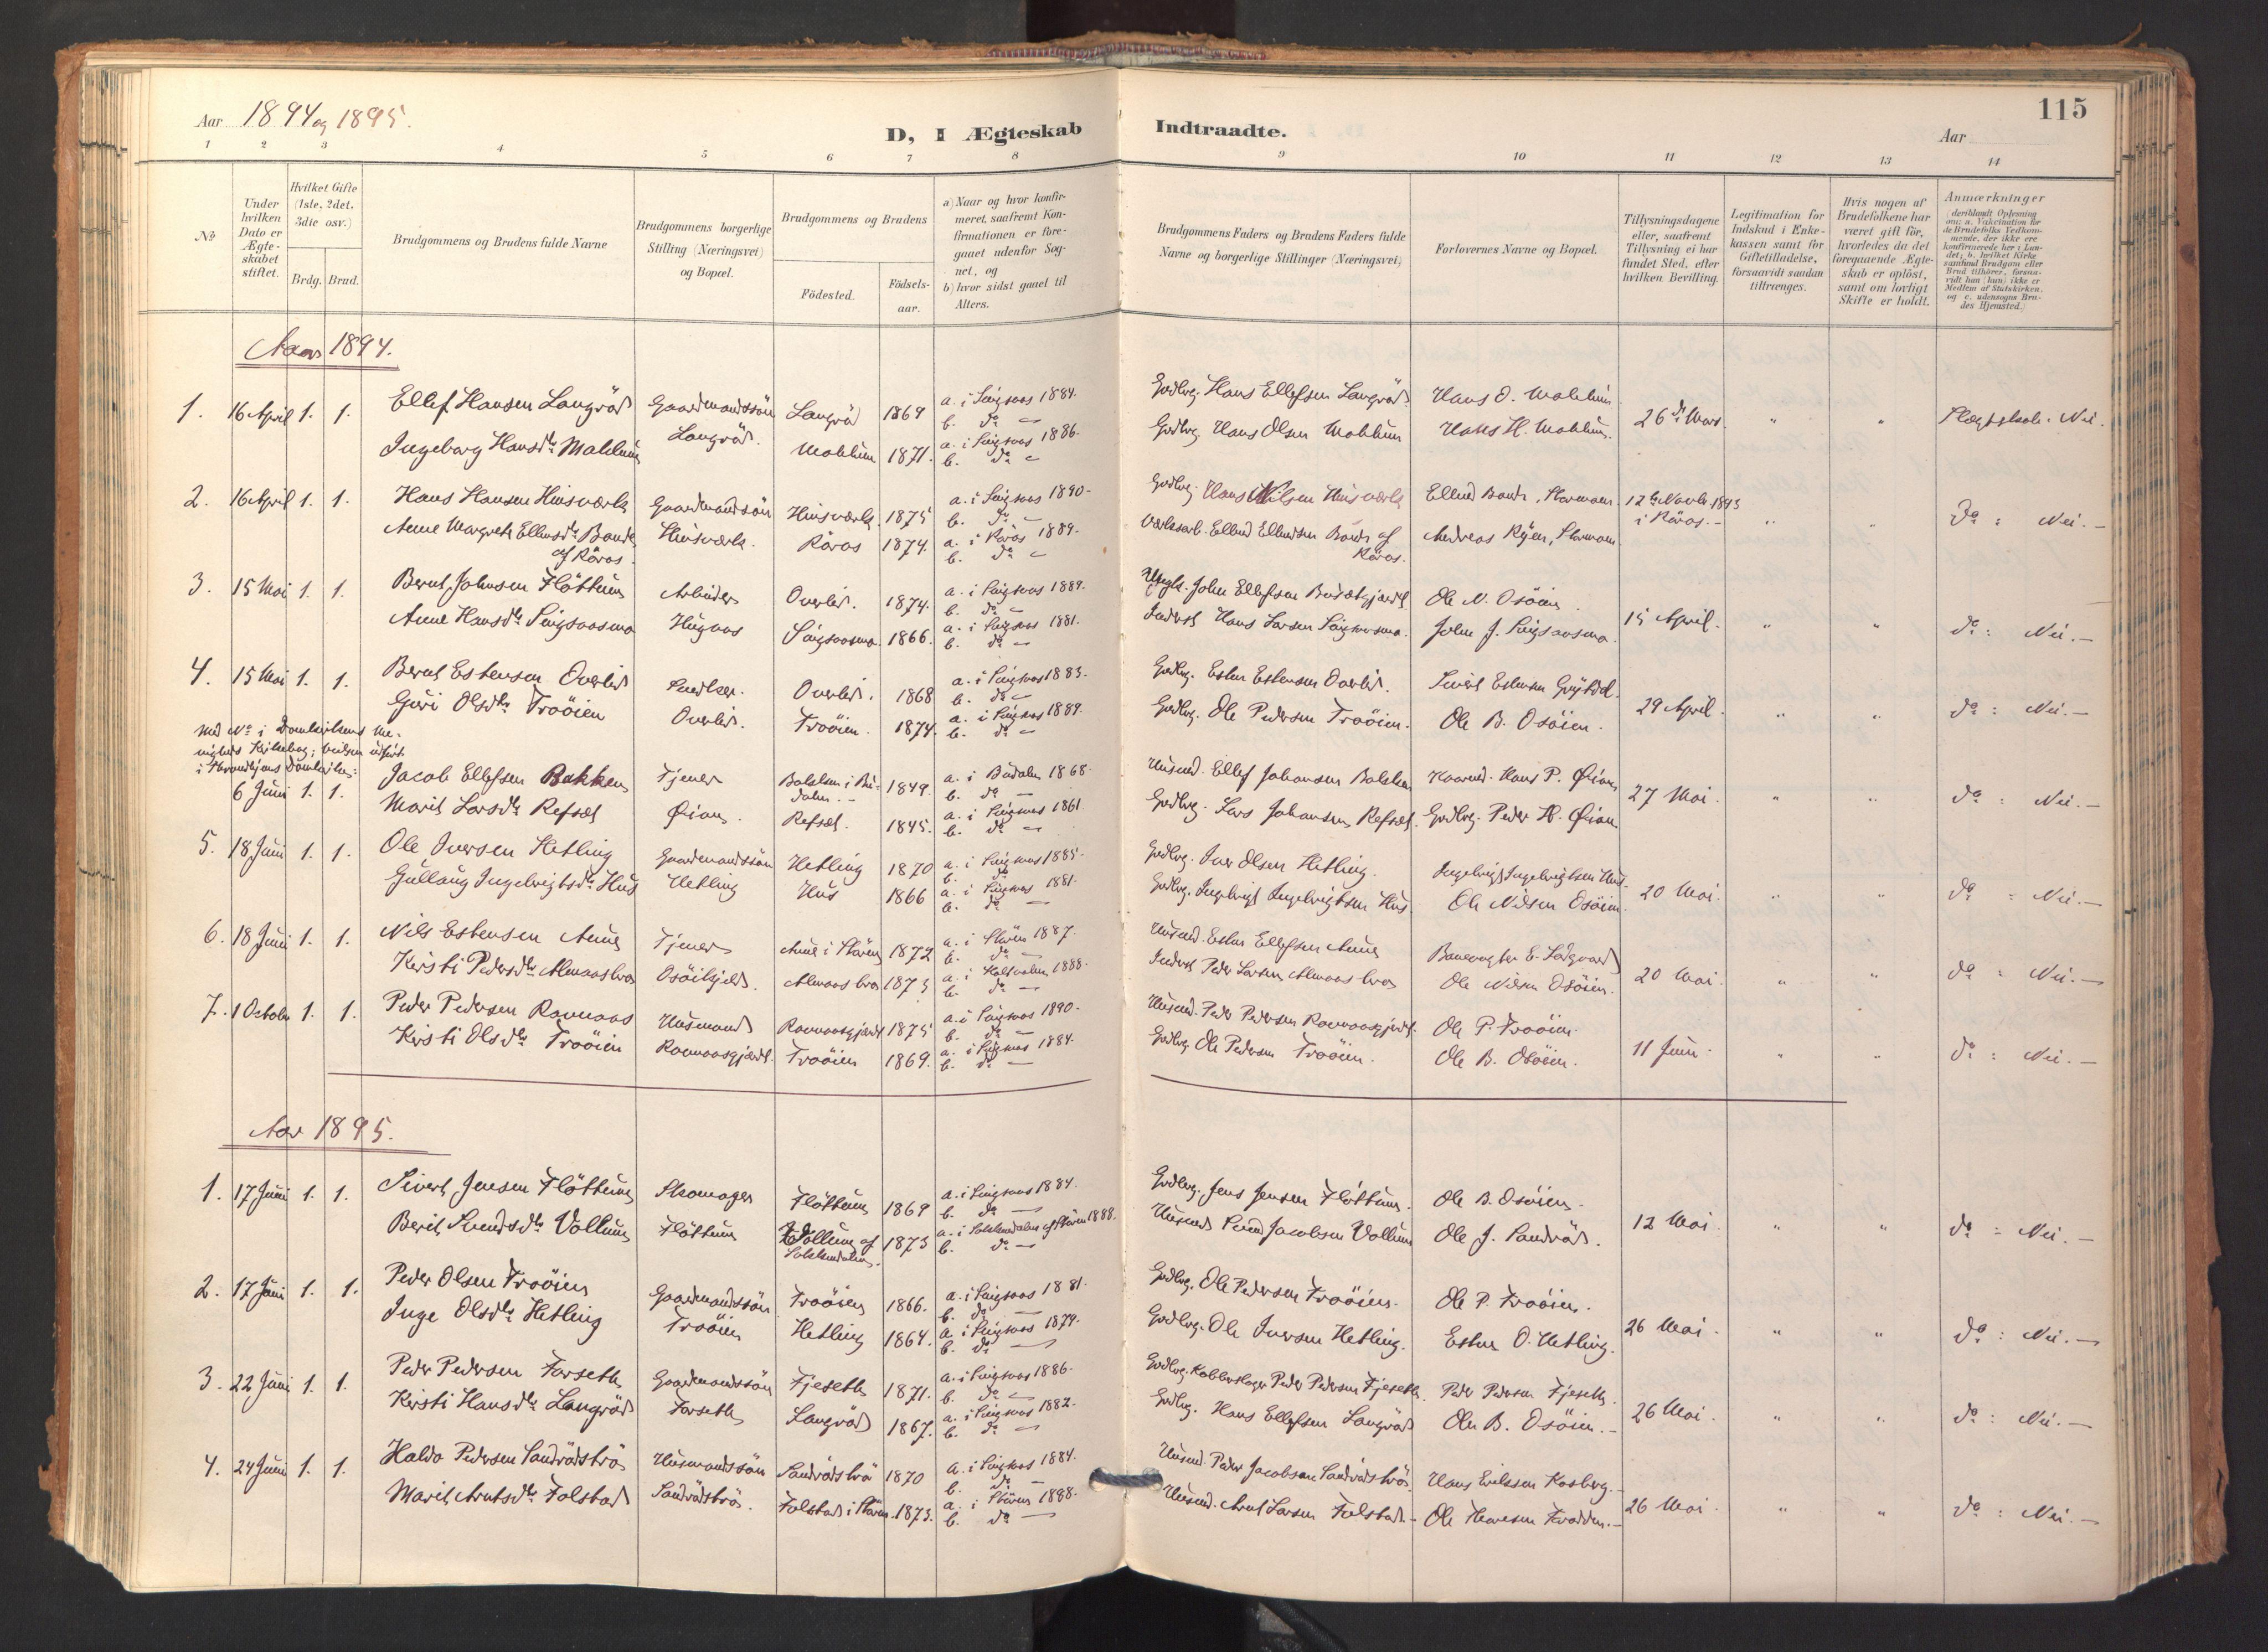 SAT, Ministerialprotokoller, klokkerbøker og fødselsregistre - Sør-Trøndelag, 688/L1025: Ministerialbok nr. 688A02, 1891-1909, s. 115